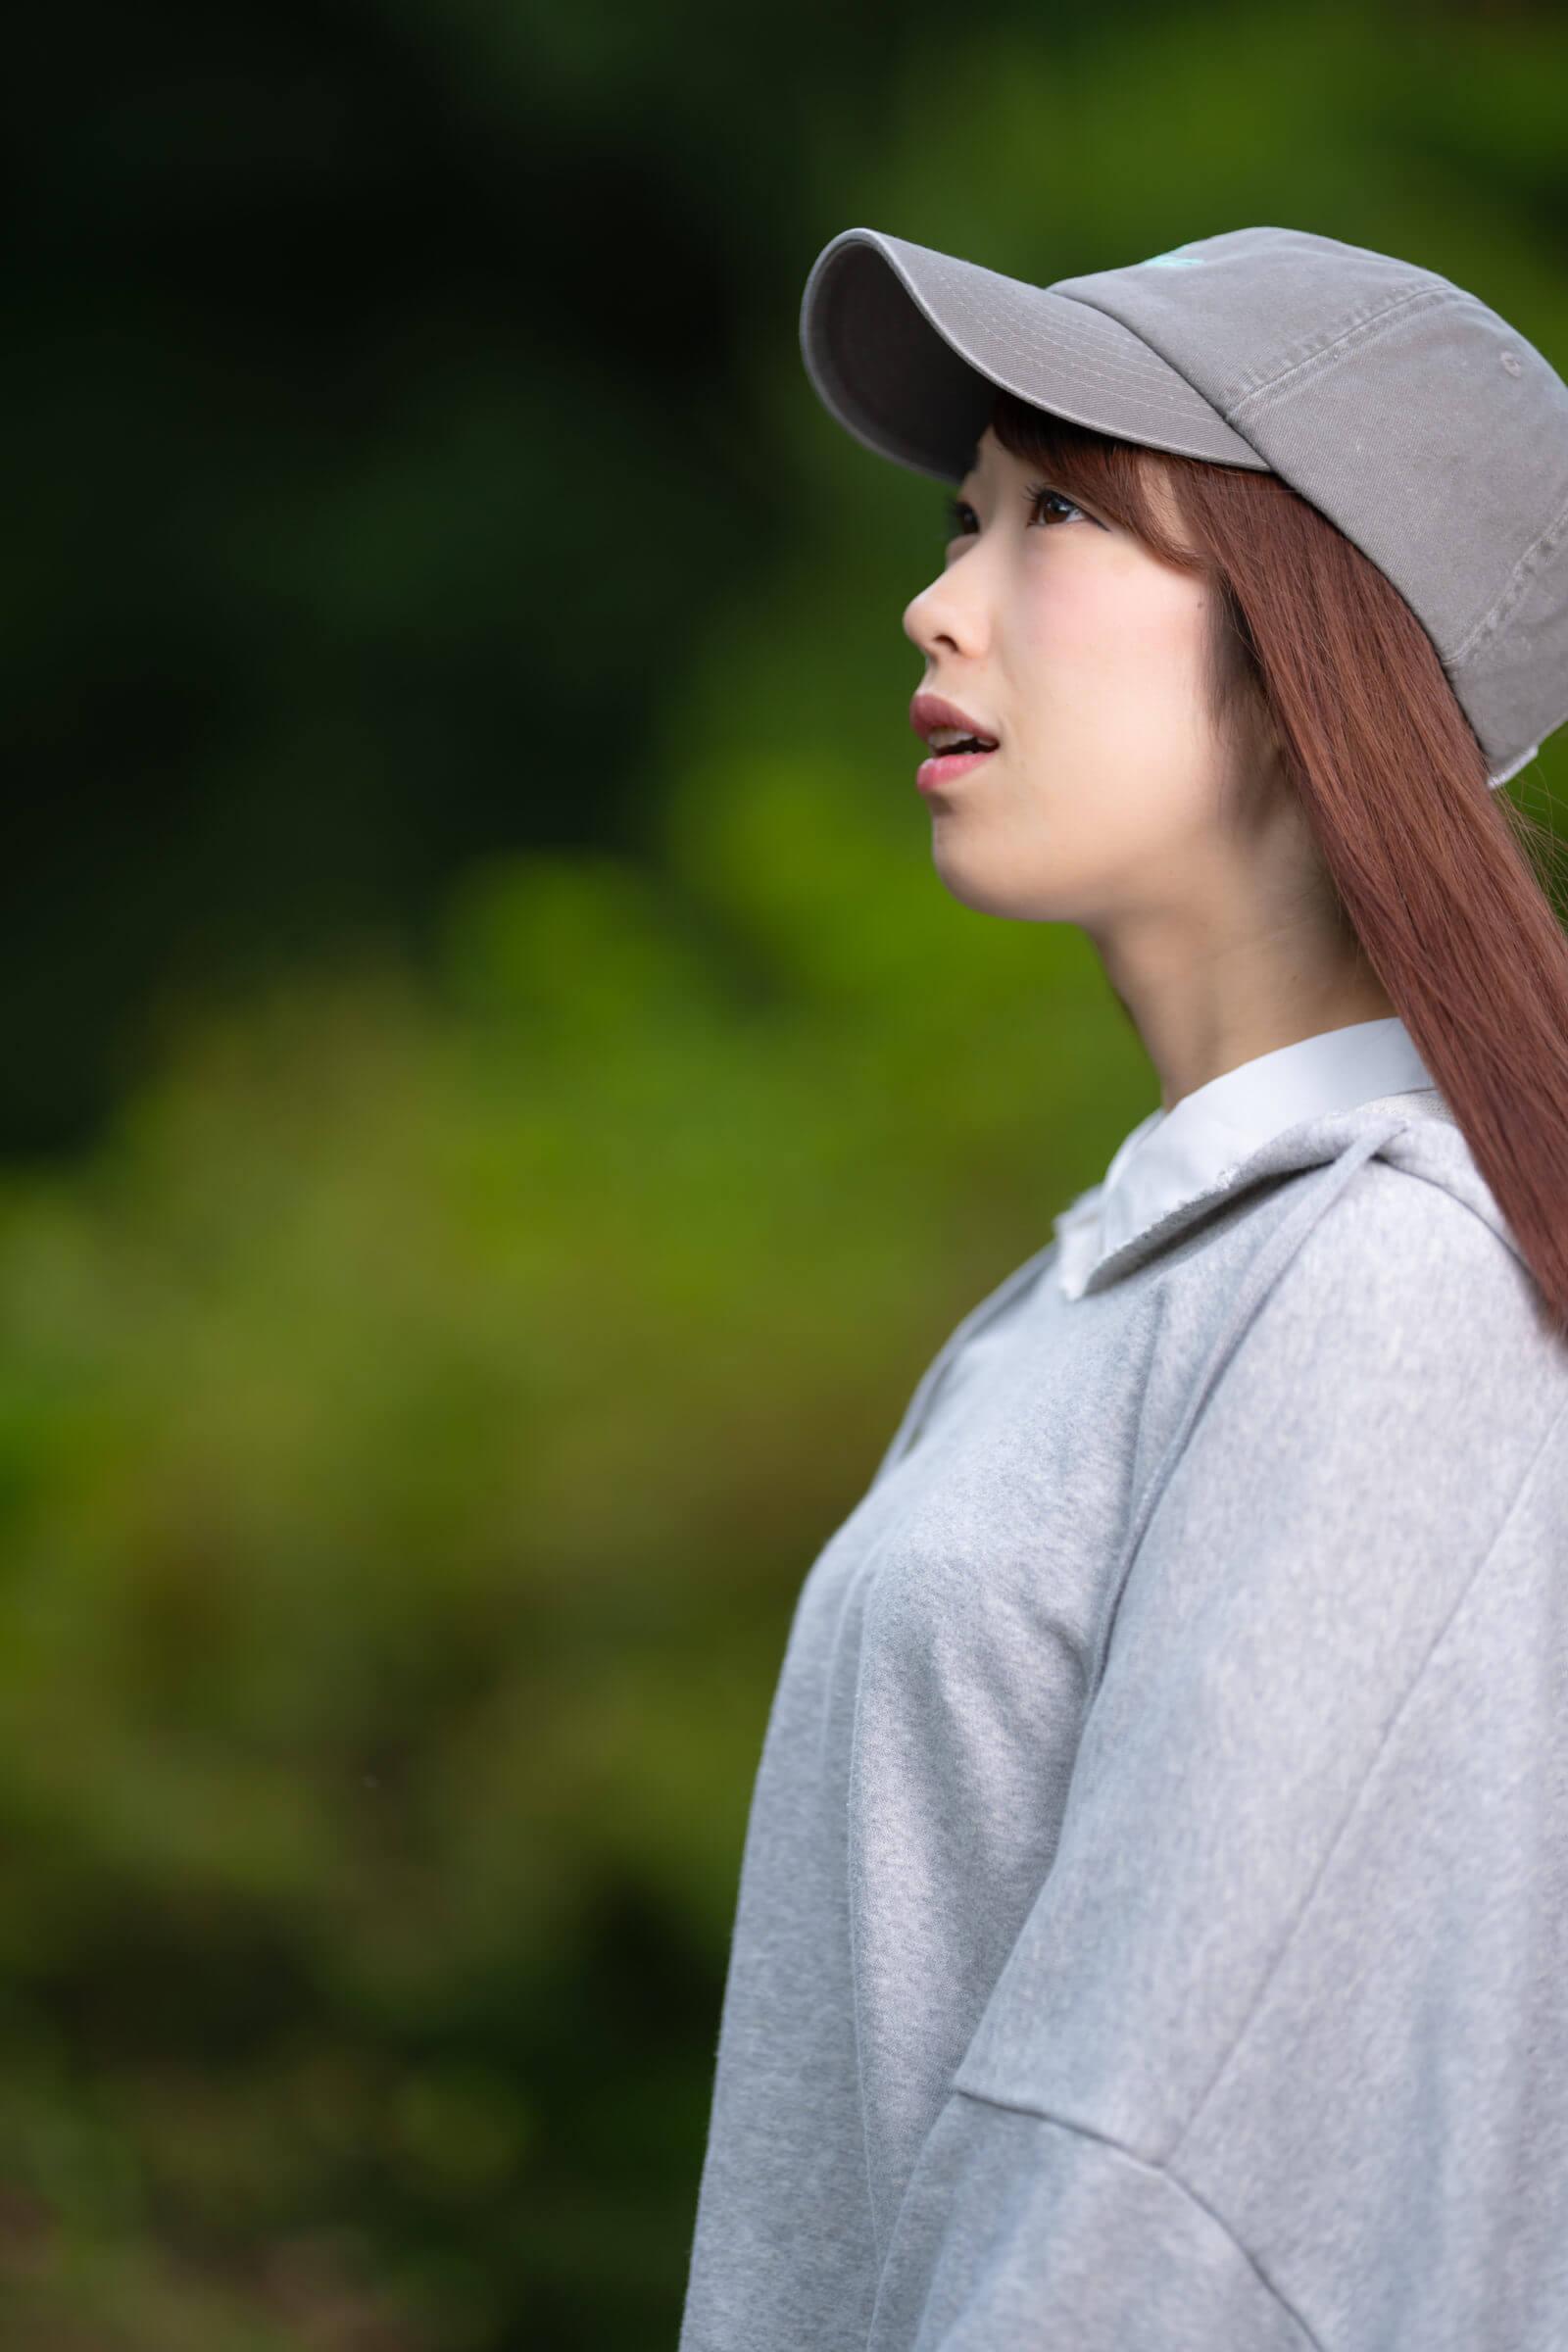 フルーティー♡ おばち ( 小原優花 ) | モデルプロ撮影会